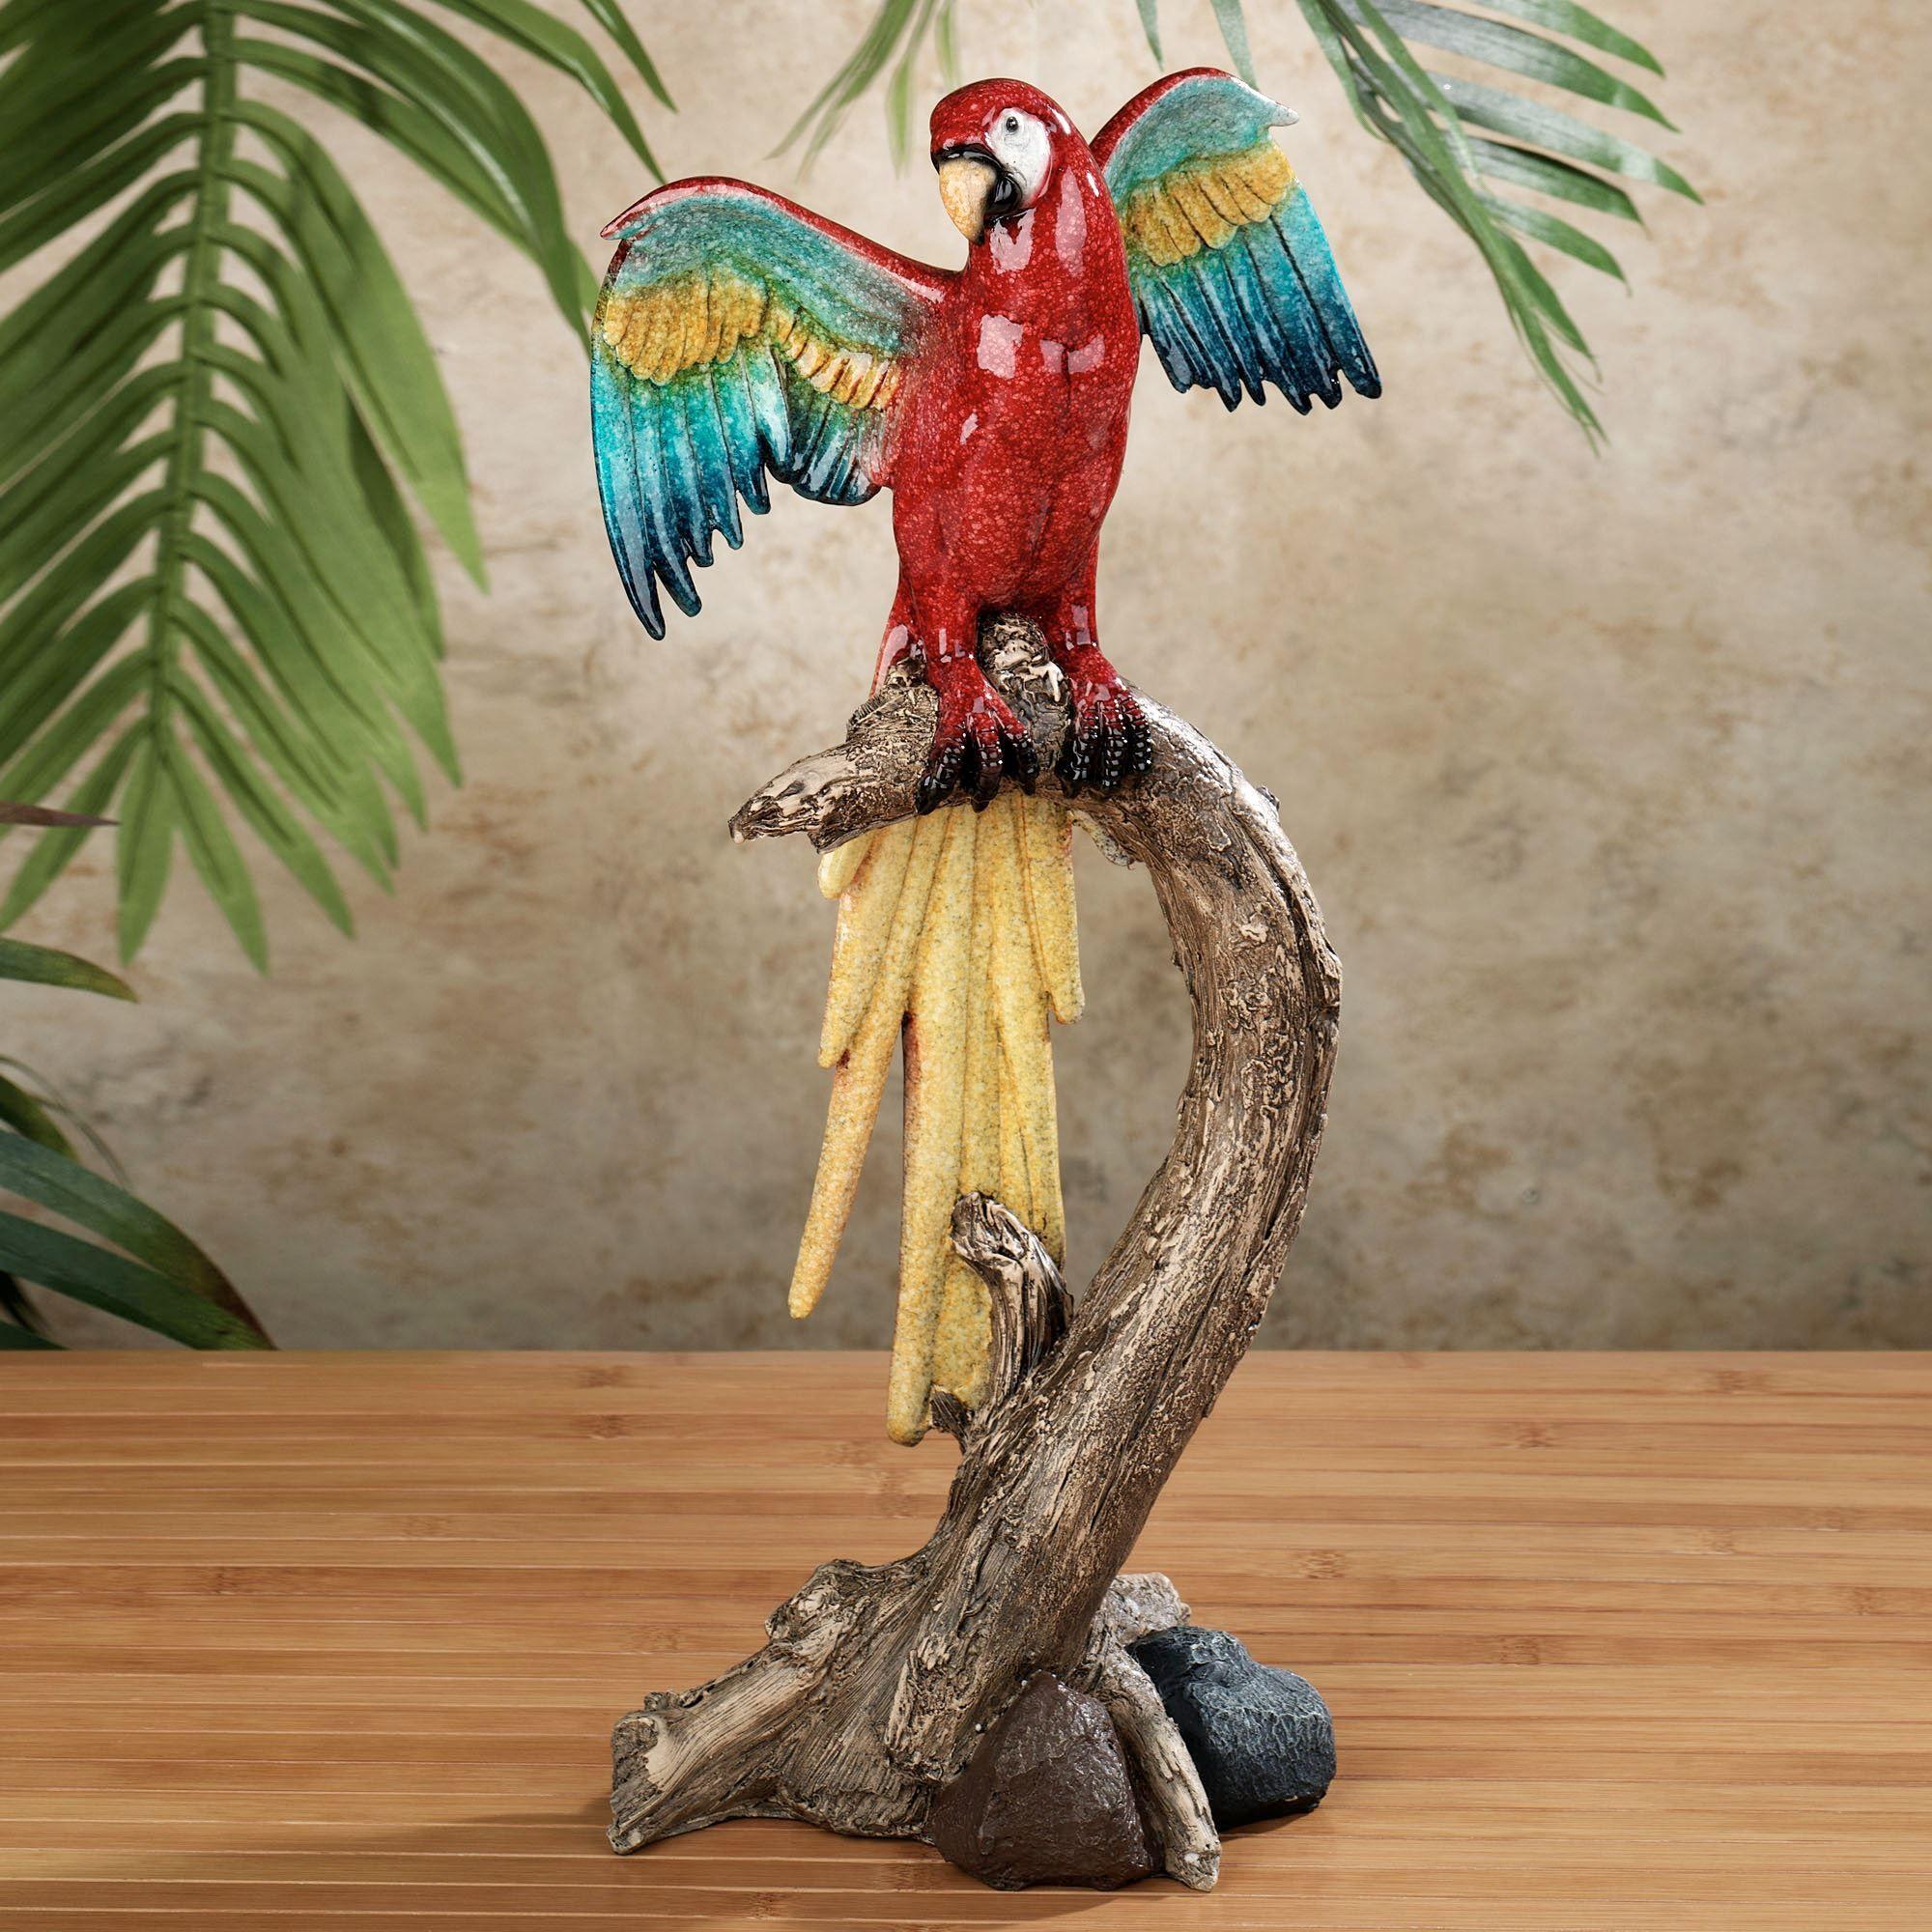 Tropical Friends Parrot Table Sculpture